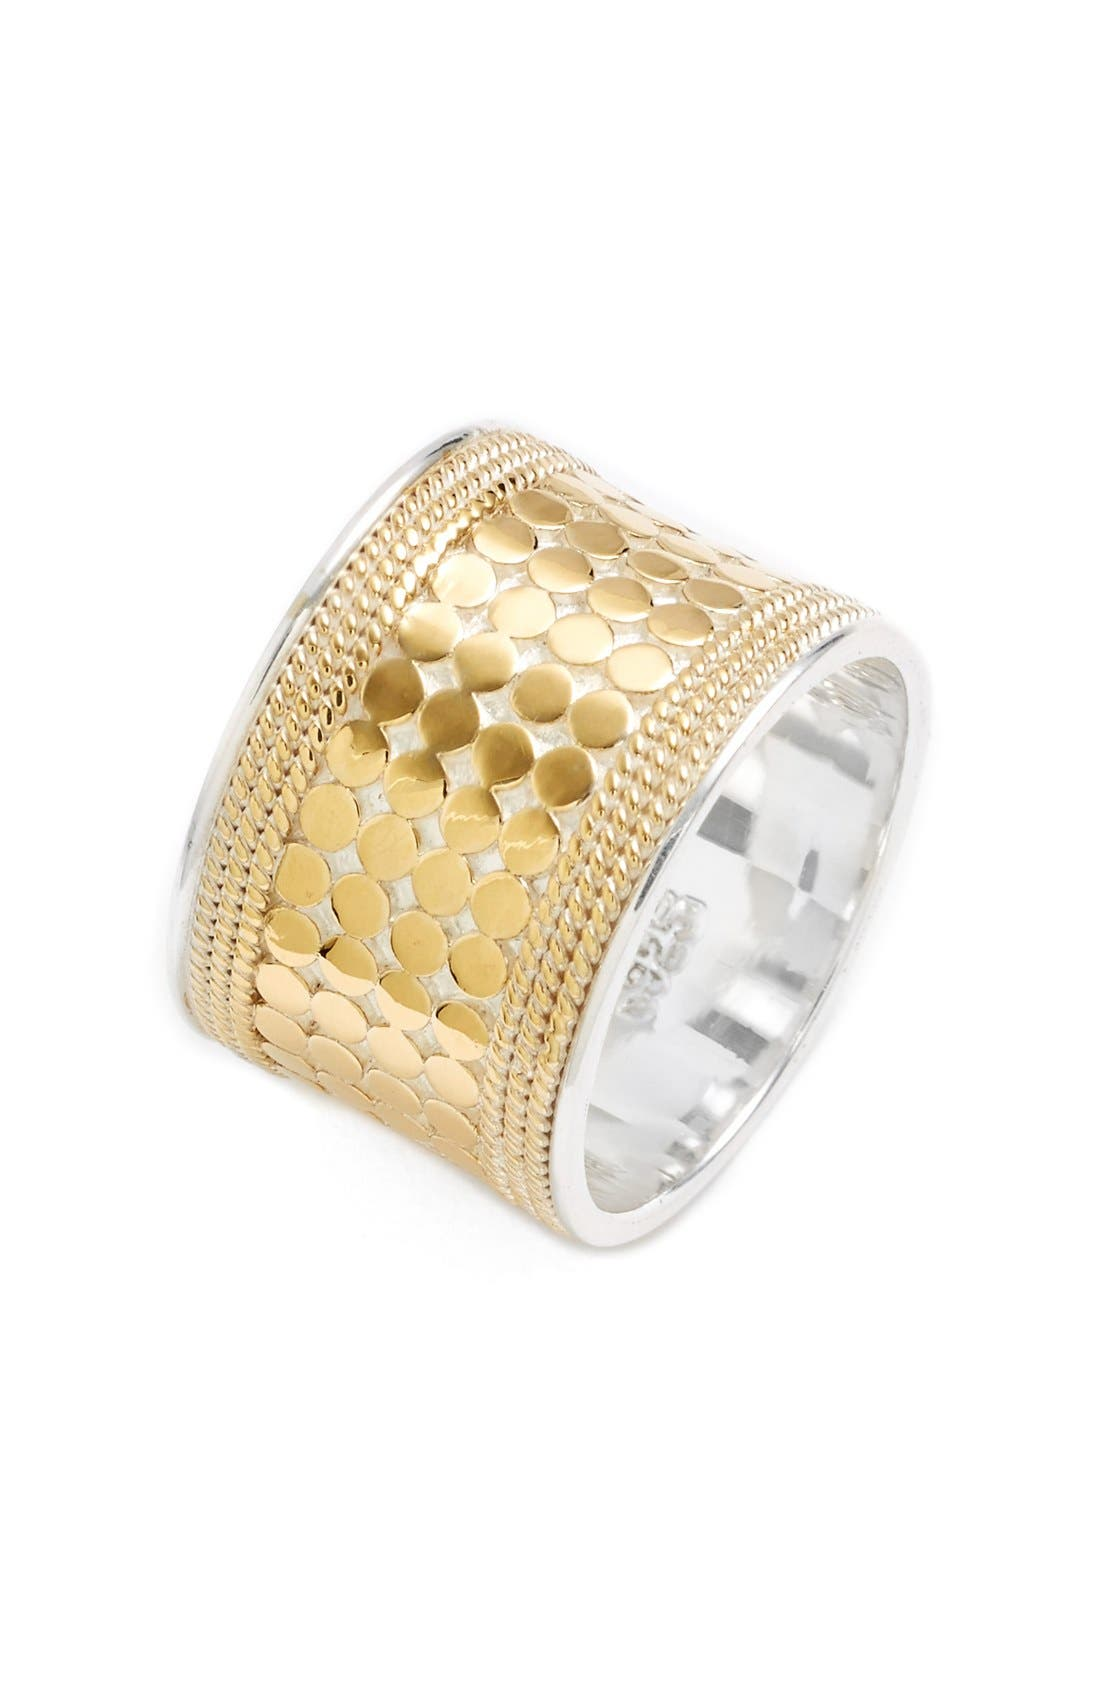 'Gili' Cigar Band Ring,                         Main,                         color, Gili - Silver / Gold